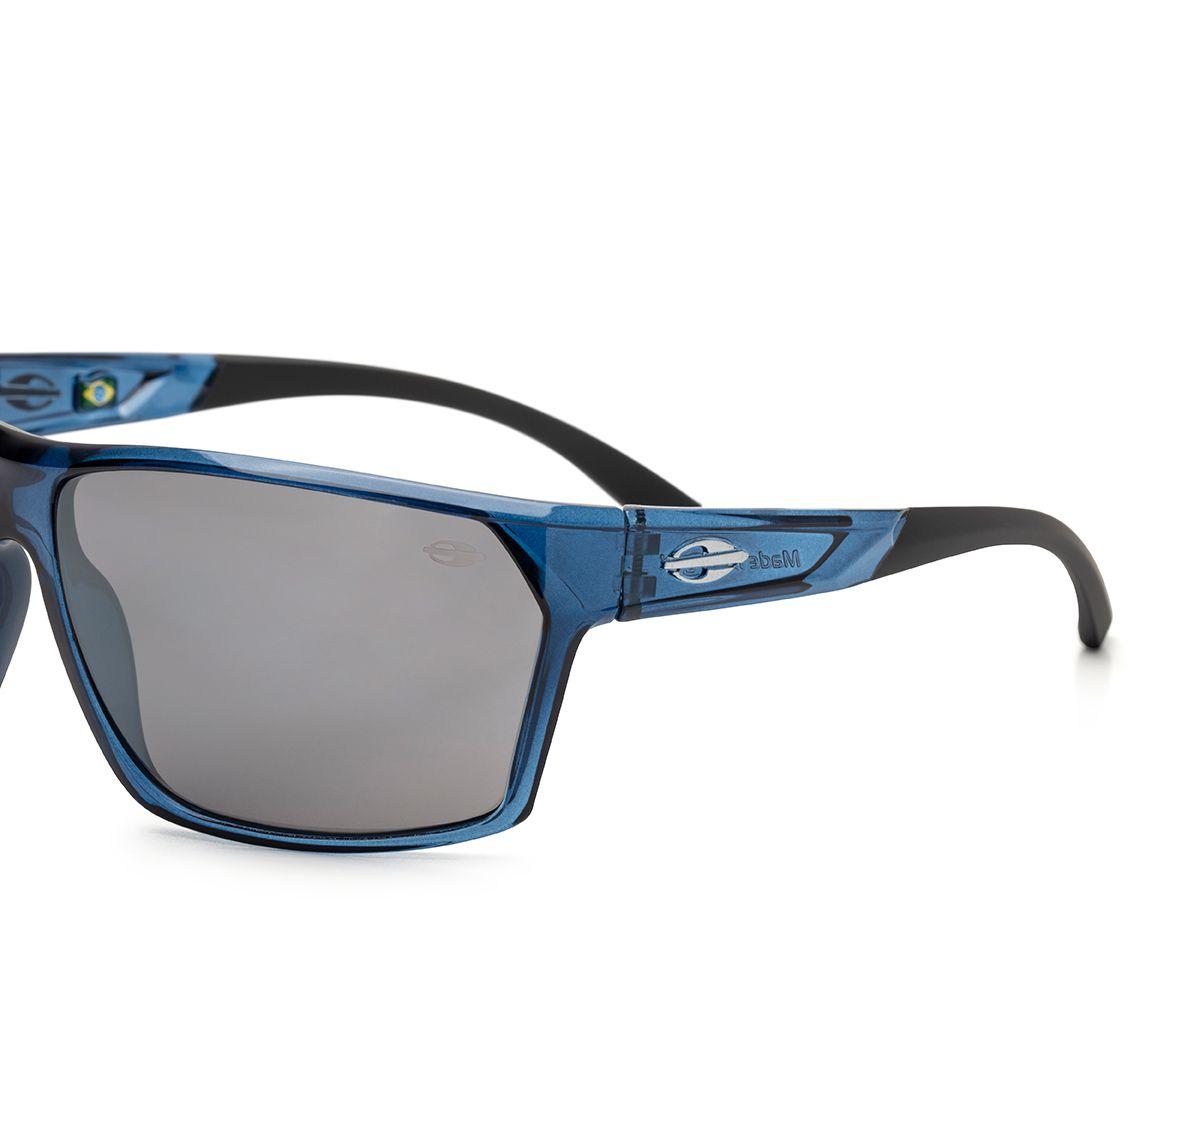 913be9246 Óculos de Sol Mormaii Storm Masculino Azul M0079K0309MormaiiÓculos ...